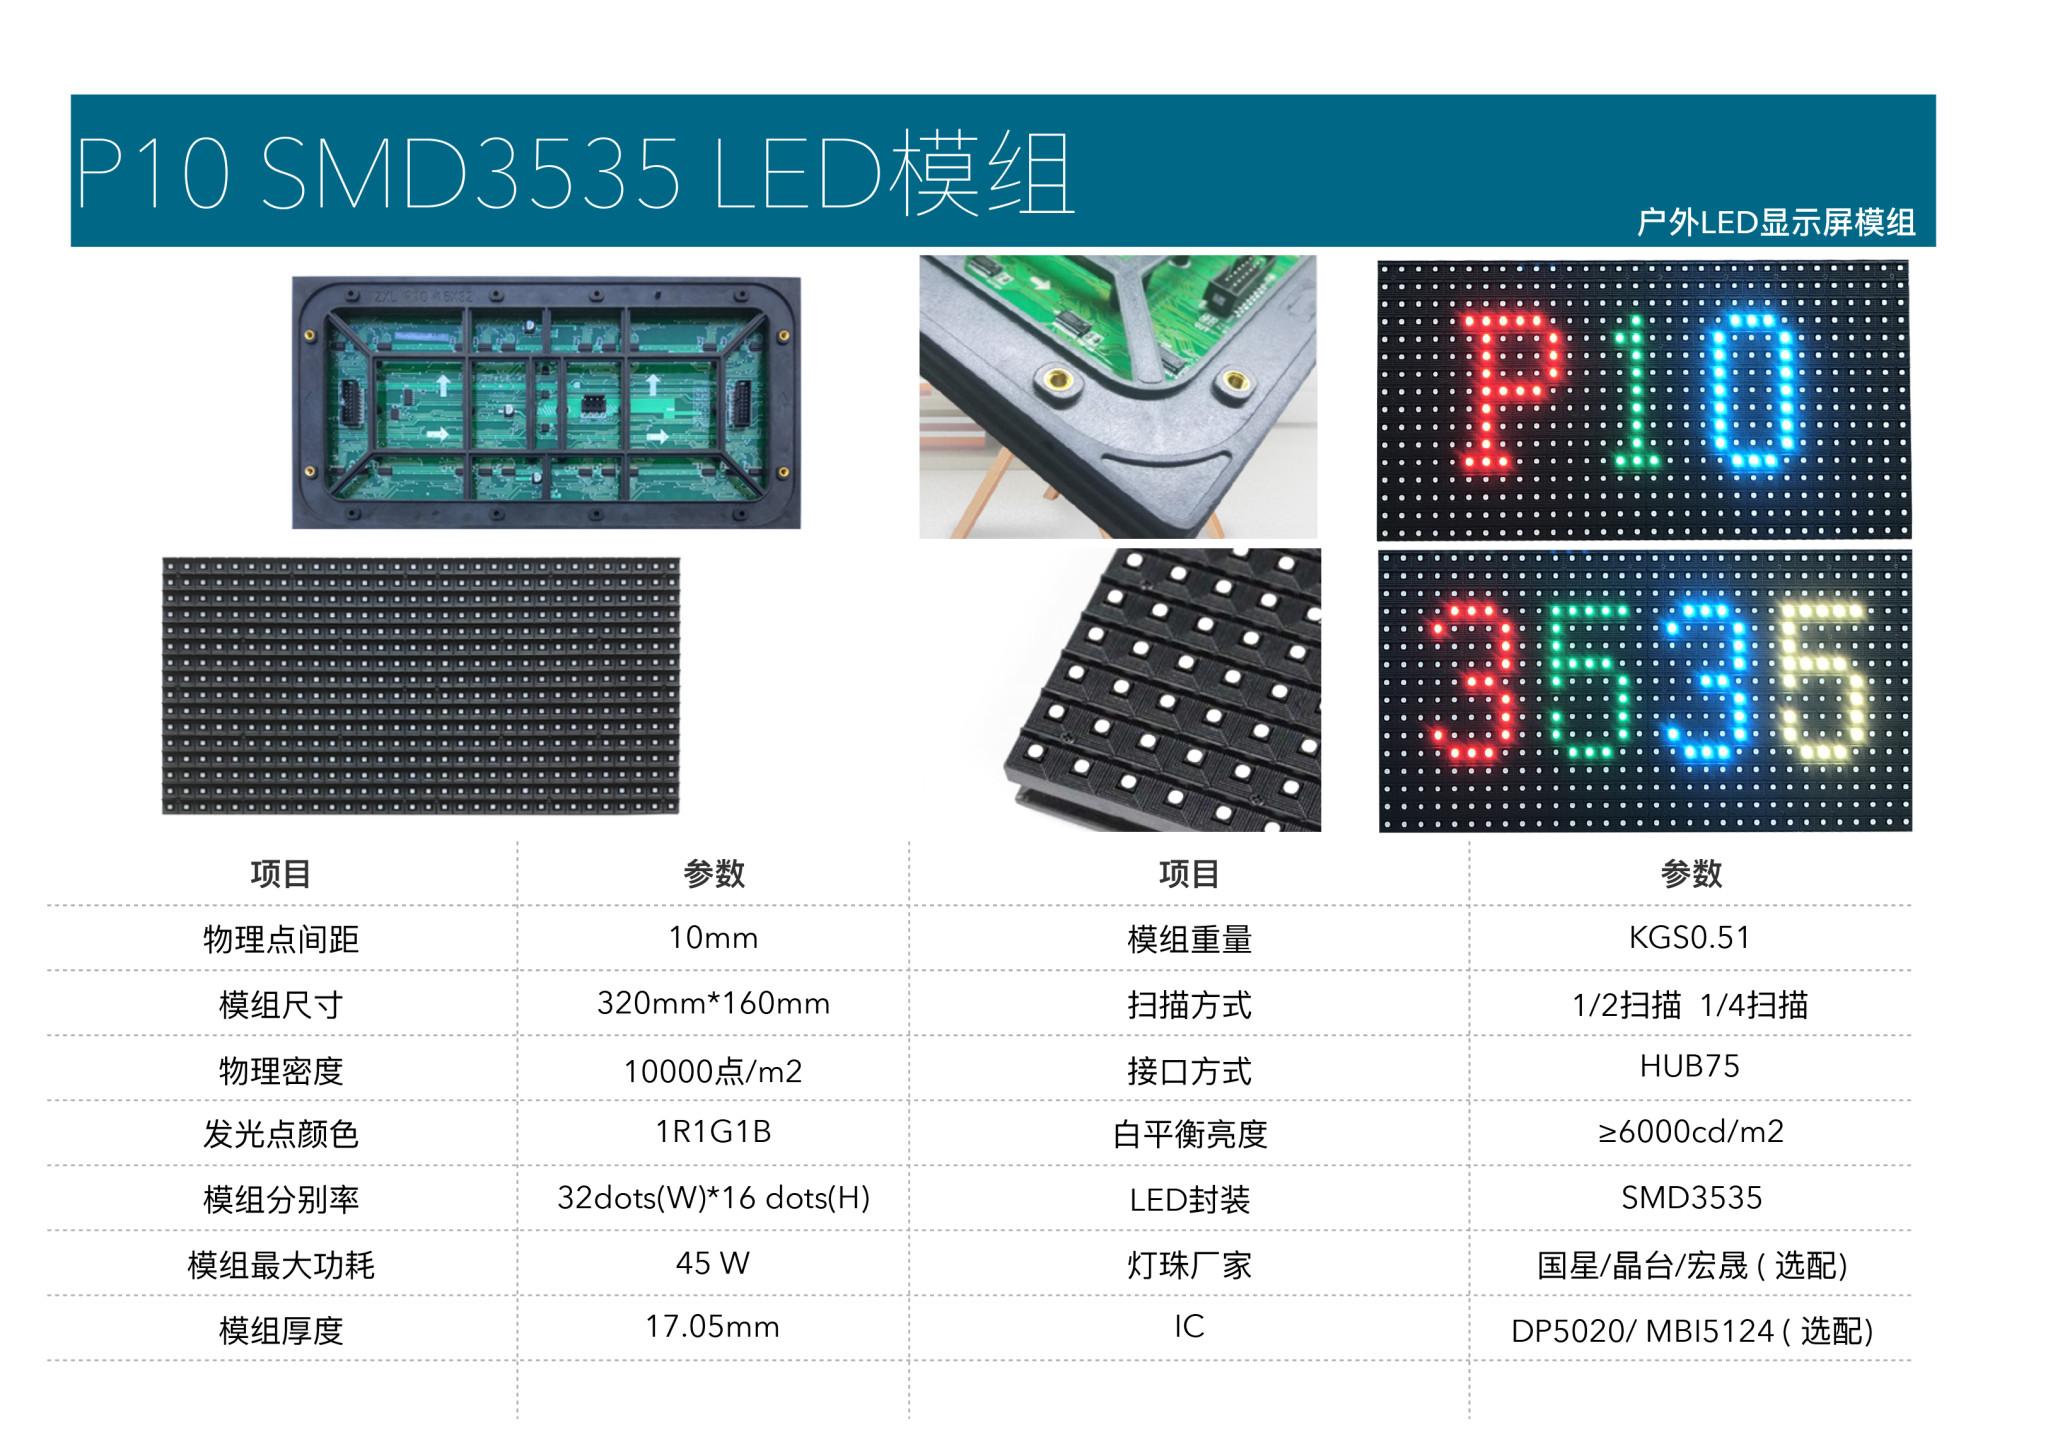 晟科P10 SMD3535 LED模组参数表